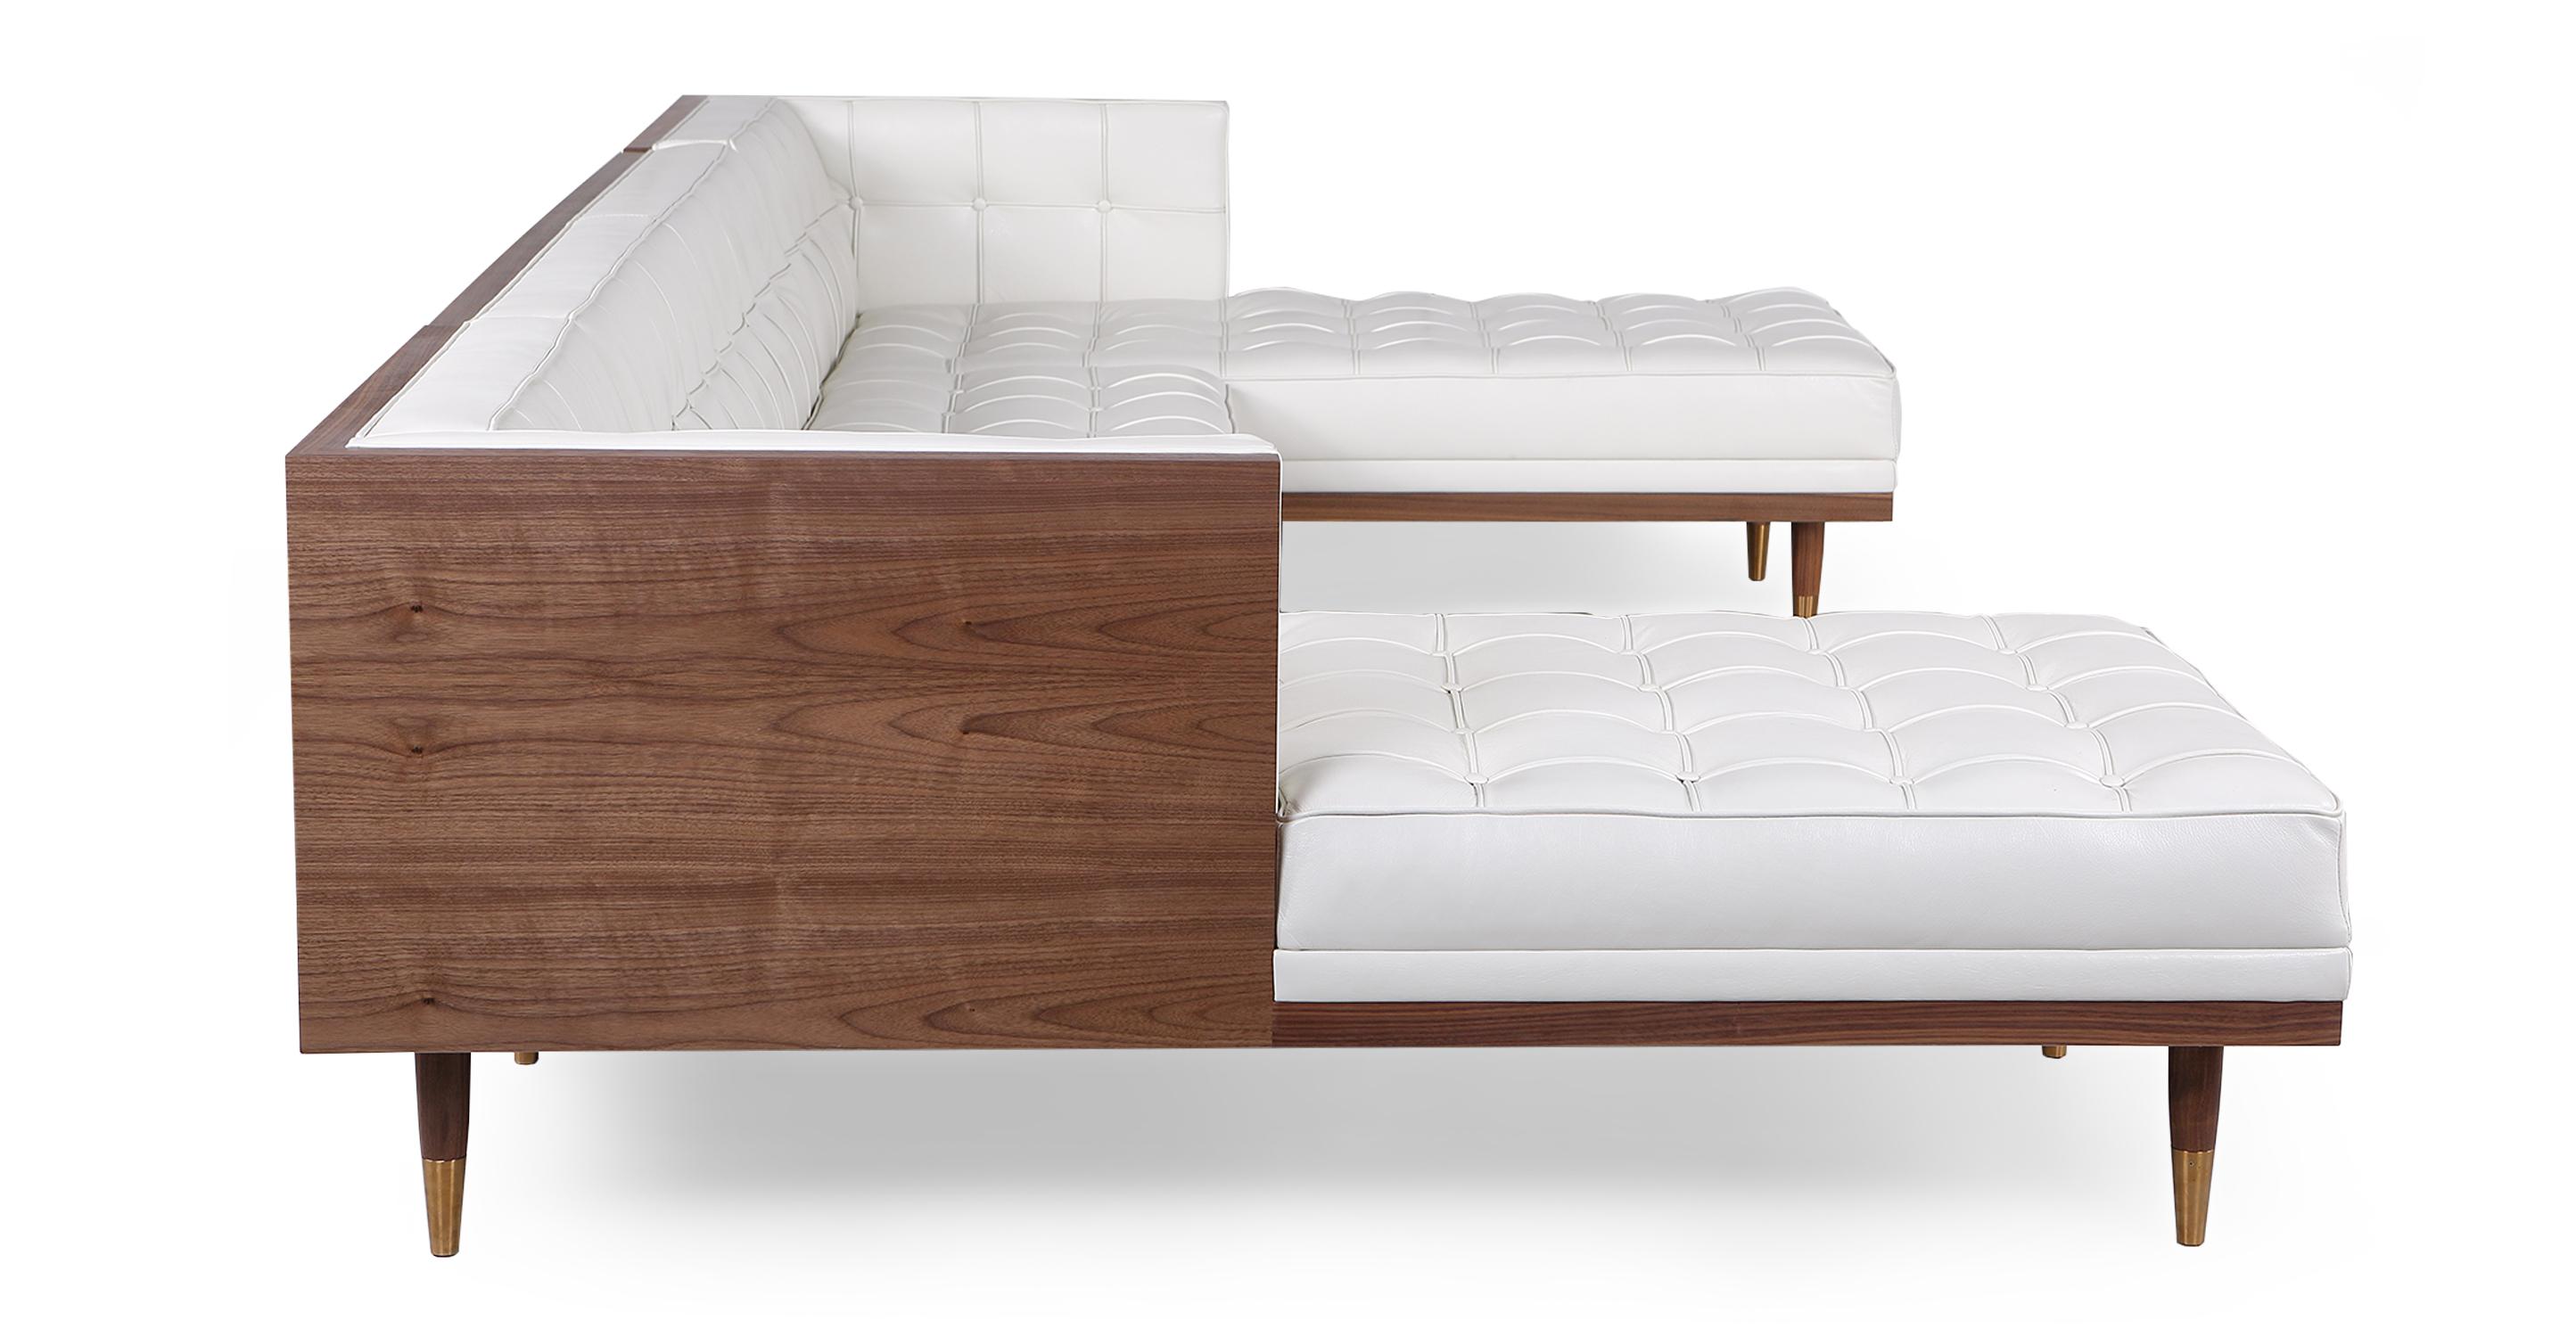 """Woodrow Box 126"""" Leather Sofa U-Sectional, Walnut/White Aniline"""